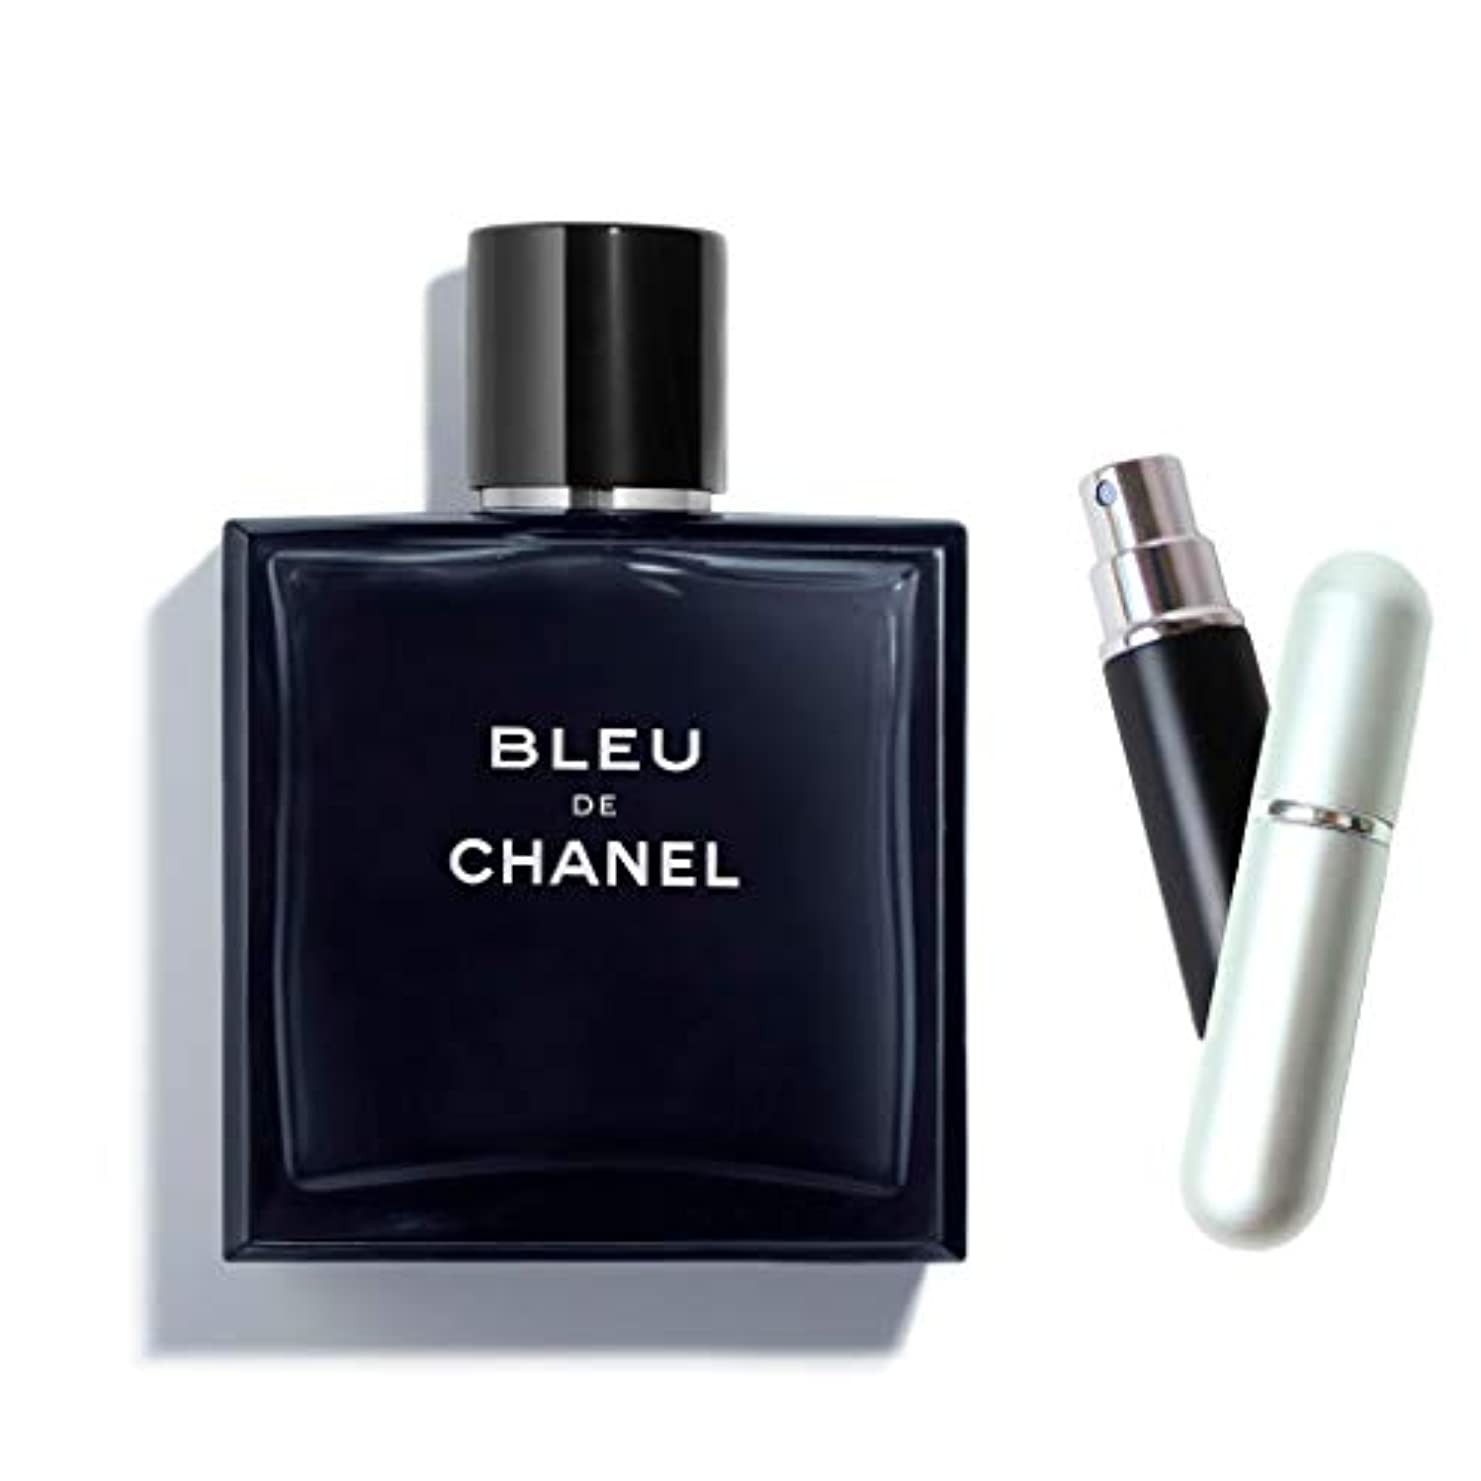 同意するサロン直感[正規品 セット品] アトマイザー付き シャネル 香水 ブルー ドゥ シャネル EDT 100ml